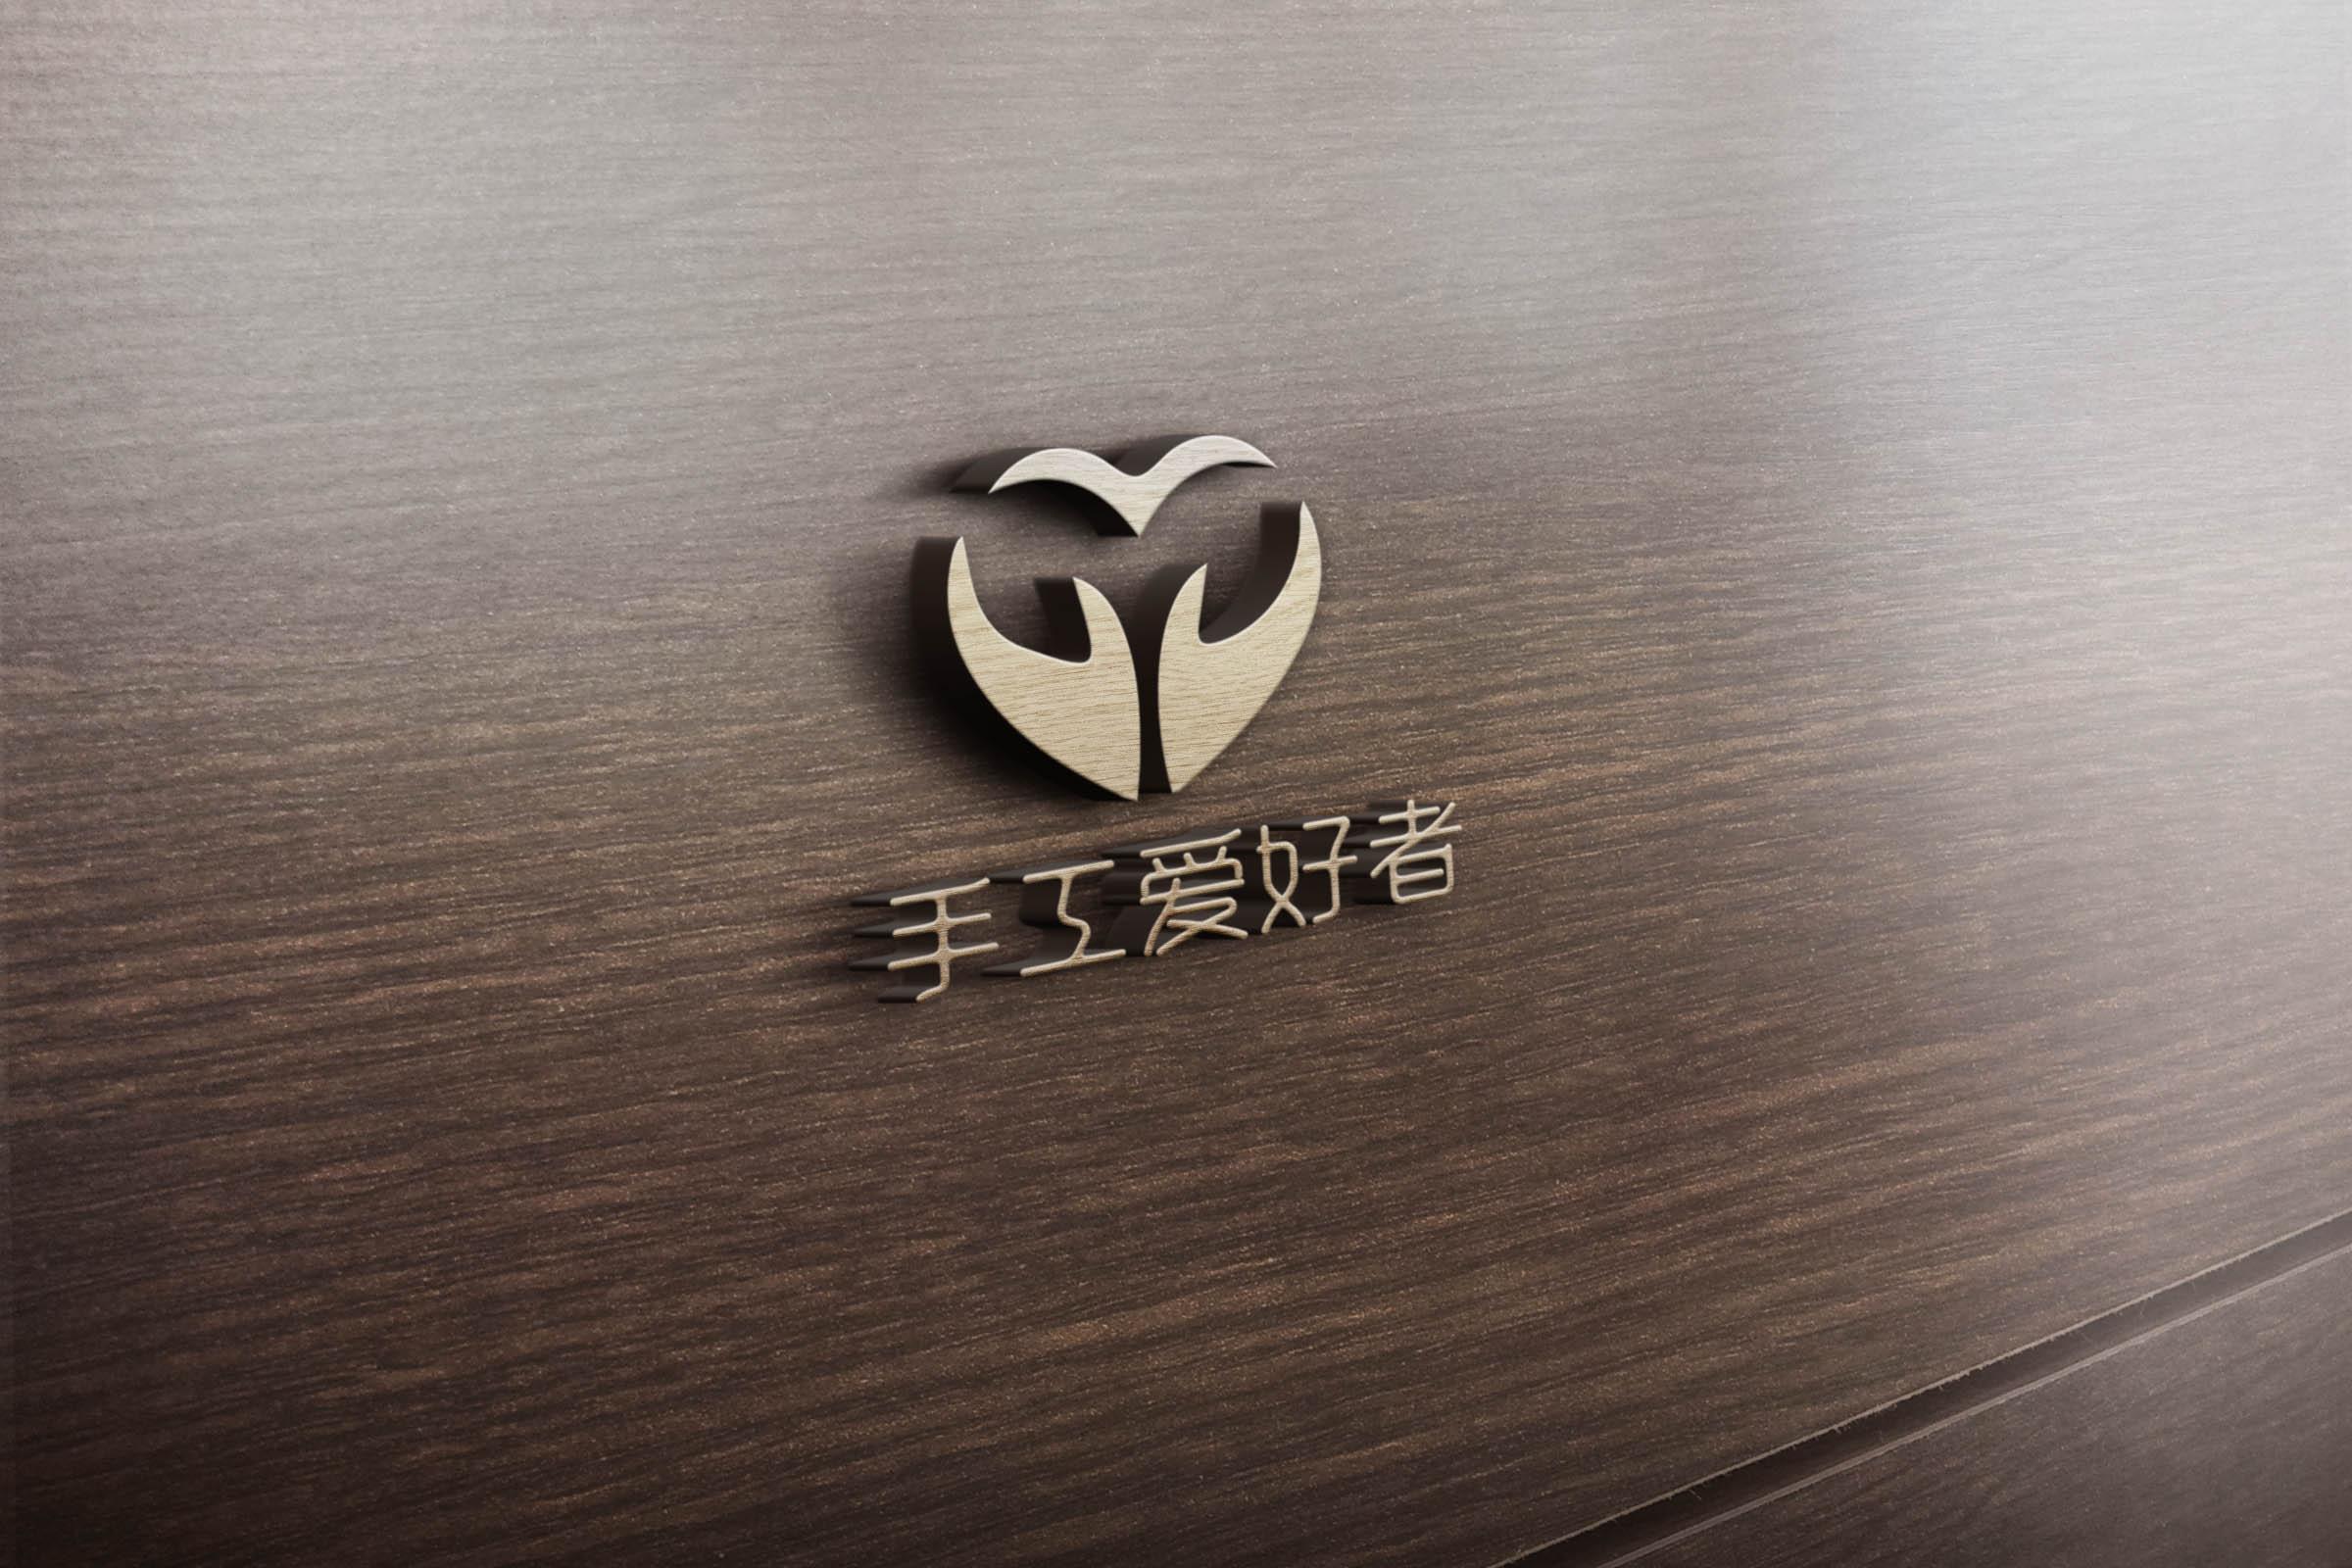 手工爱好者Logo征集_3034076_k68威客网